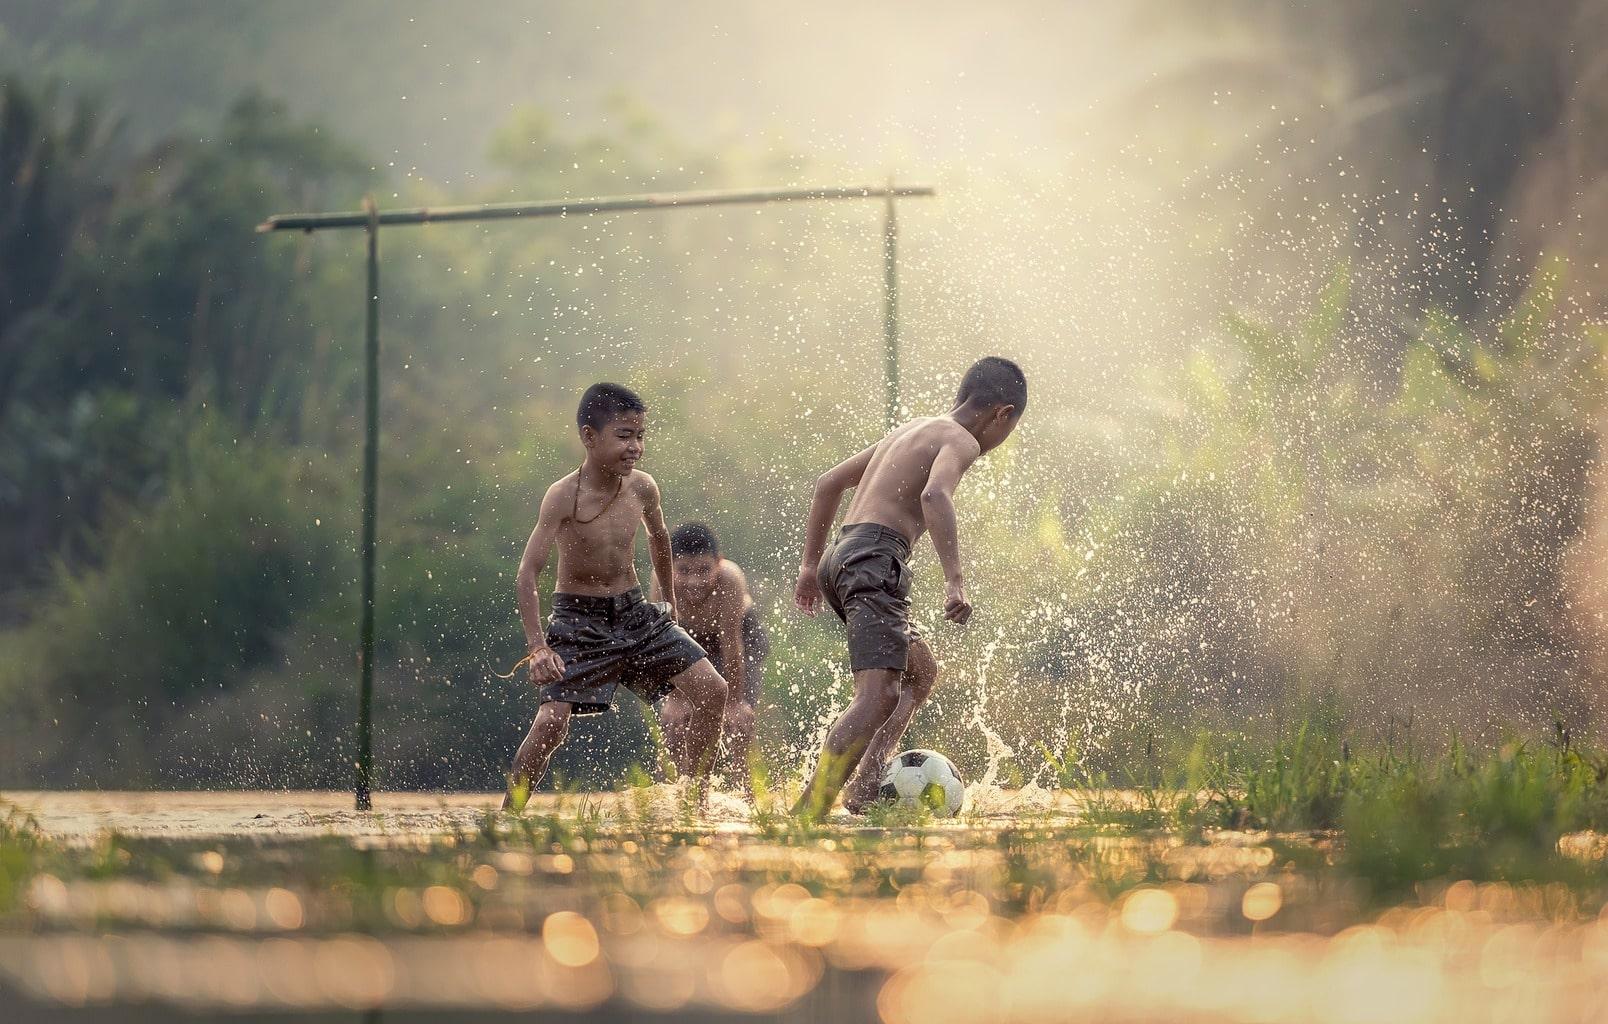 fotografía niños jugando fútbol